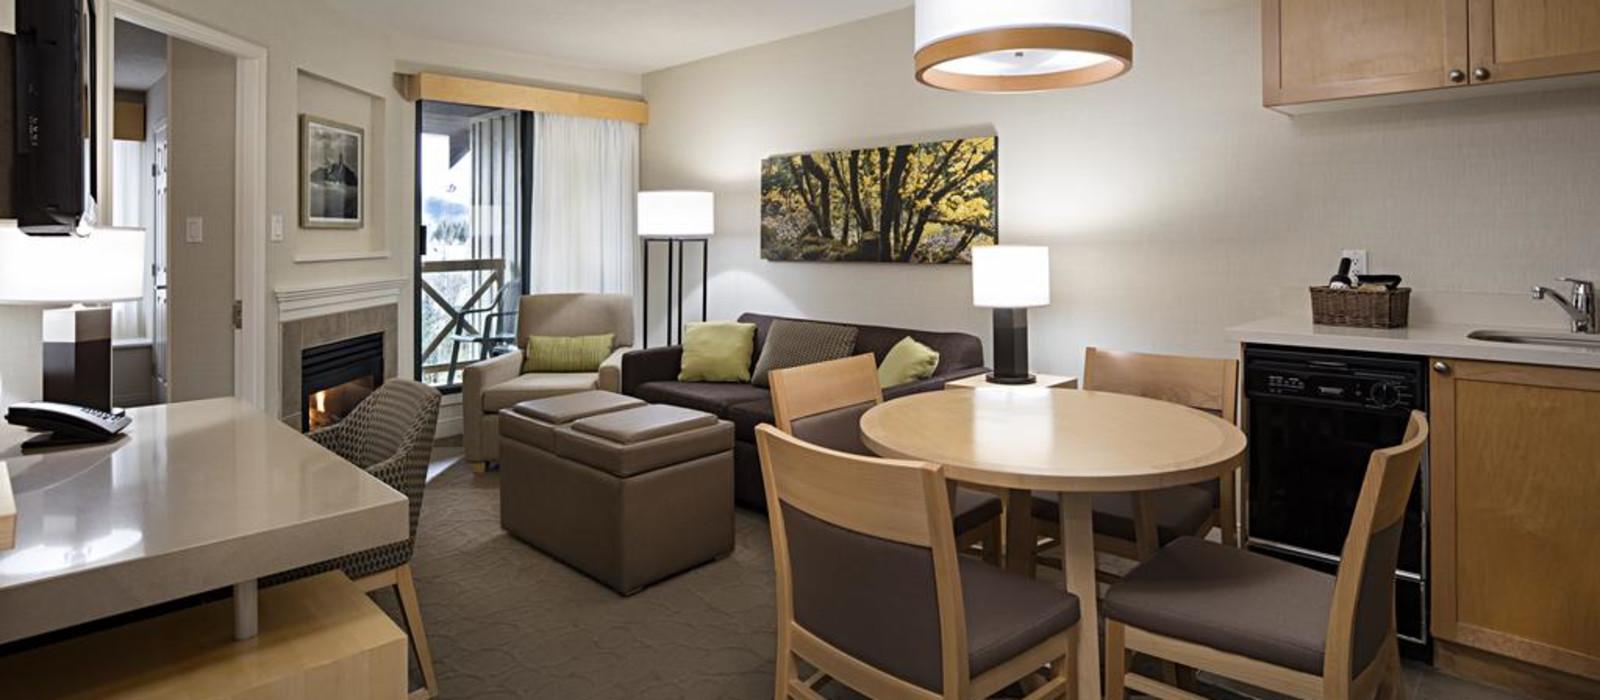 Hotel Delta s by Marriott Whistler Village Suites Kanada